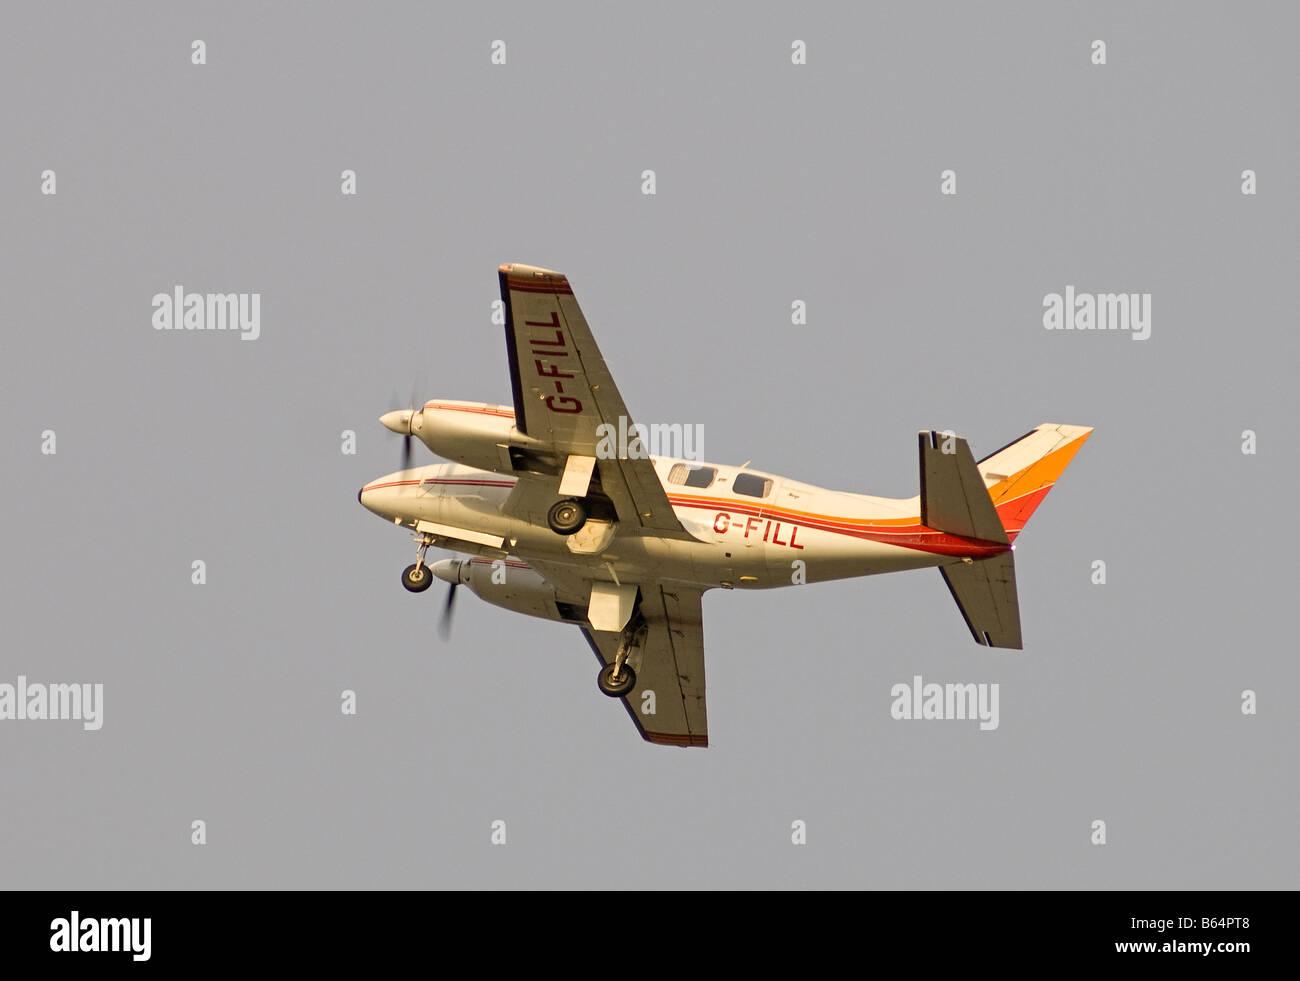 Piper PA-31-310 Navajo Aeroplane leaving Inverness Airport Scotland SCO 2002 Stock Photo